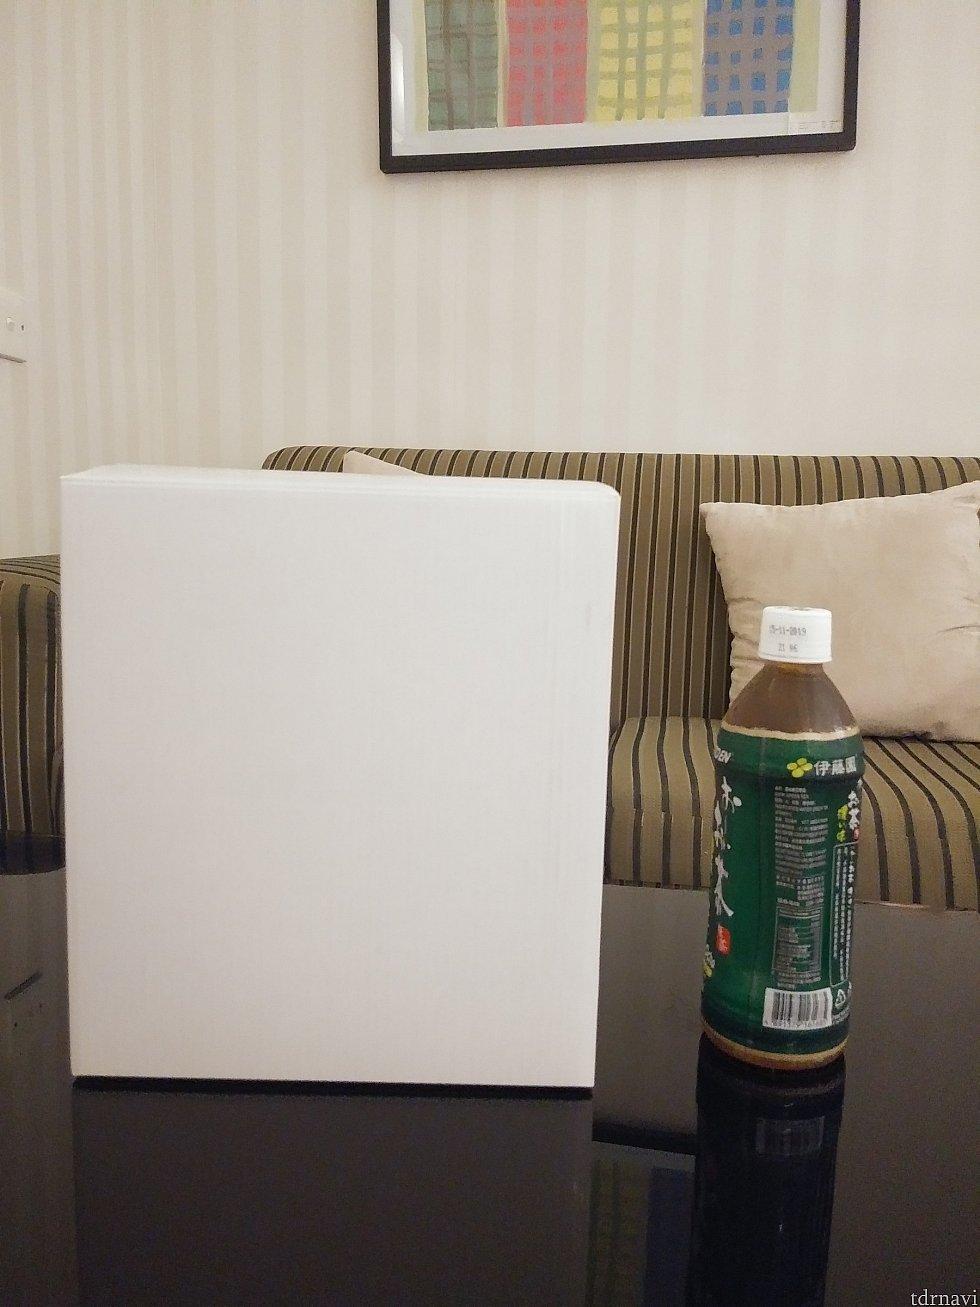 【サイズ】横から見た写真 箱に入ると500mlのペットボトルより大きい! ホテルで荷物と格闘しました💦